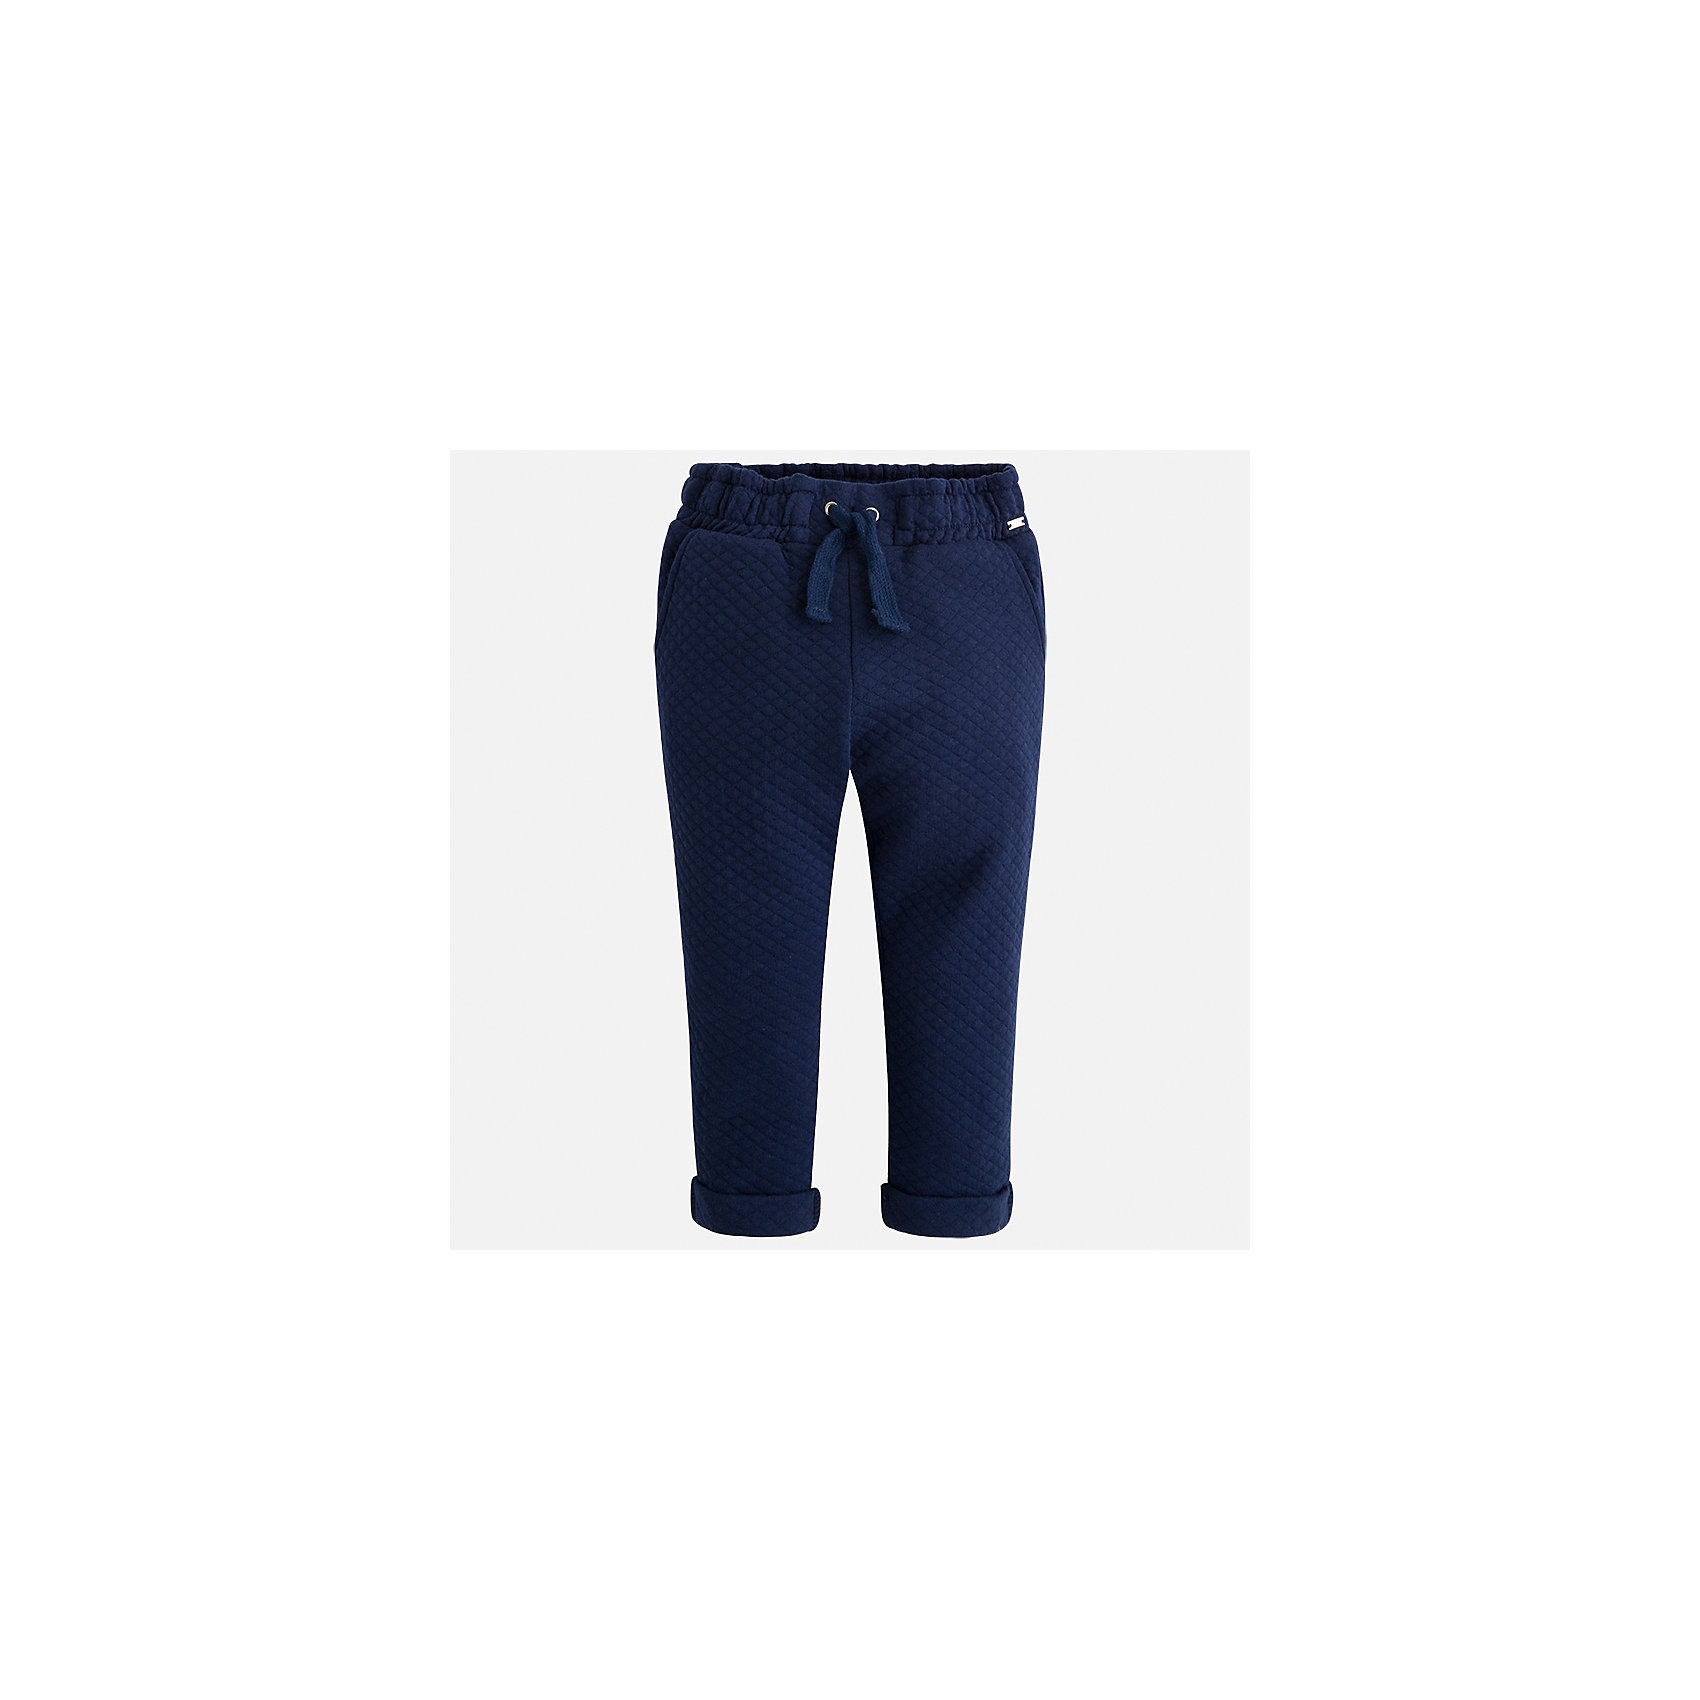 Брюки для девочки MayoralБрюки<br>Характеристики товара:<br><br>• цвет: синий<br>• состав ткани: 86% хлопок, 14% полиэстер<br>• сезон: демисезон<br>• особенности модели: отвороты<br>• пояс: резинка и шнурок<br>• страна бренда: Испания<br>• страна изготовитель: Индия<br><br>Синие брюки сшиты из дышащего приятного на ощупь материала. Благодаря преобладанию в его составе натурального хлопка материал детских брюк создает комфортные условия для тела. Брюки для девочки отличаются стильным дизайном.<br><br>Брюки для девочки Mayoral (Майорал) можно купить в нашем интернет-магазине.<br><br>Ширина мм: 215<br>Глубина мм: 88<br>Высота мм: 191<br>Вес г: 336<br>Цвет: синий<br>Возраст от месяцев: 96<br>Возраст до месяцев: 108<br>Пол: Женский<br>Возраст: Детский<br>Размер: 134,98,104,110,116,122,128<br>SKU: 6945029